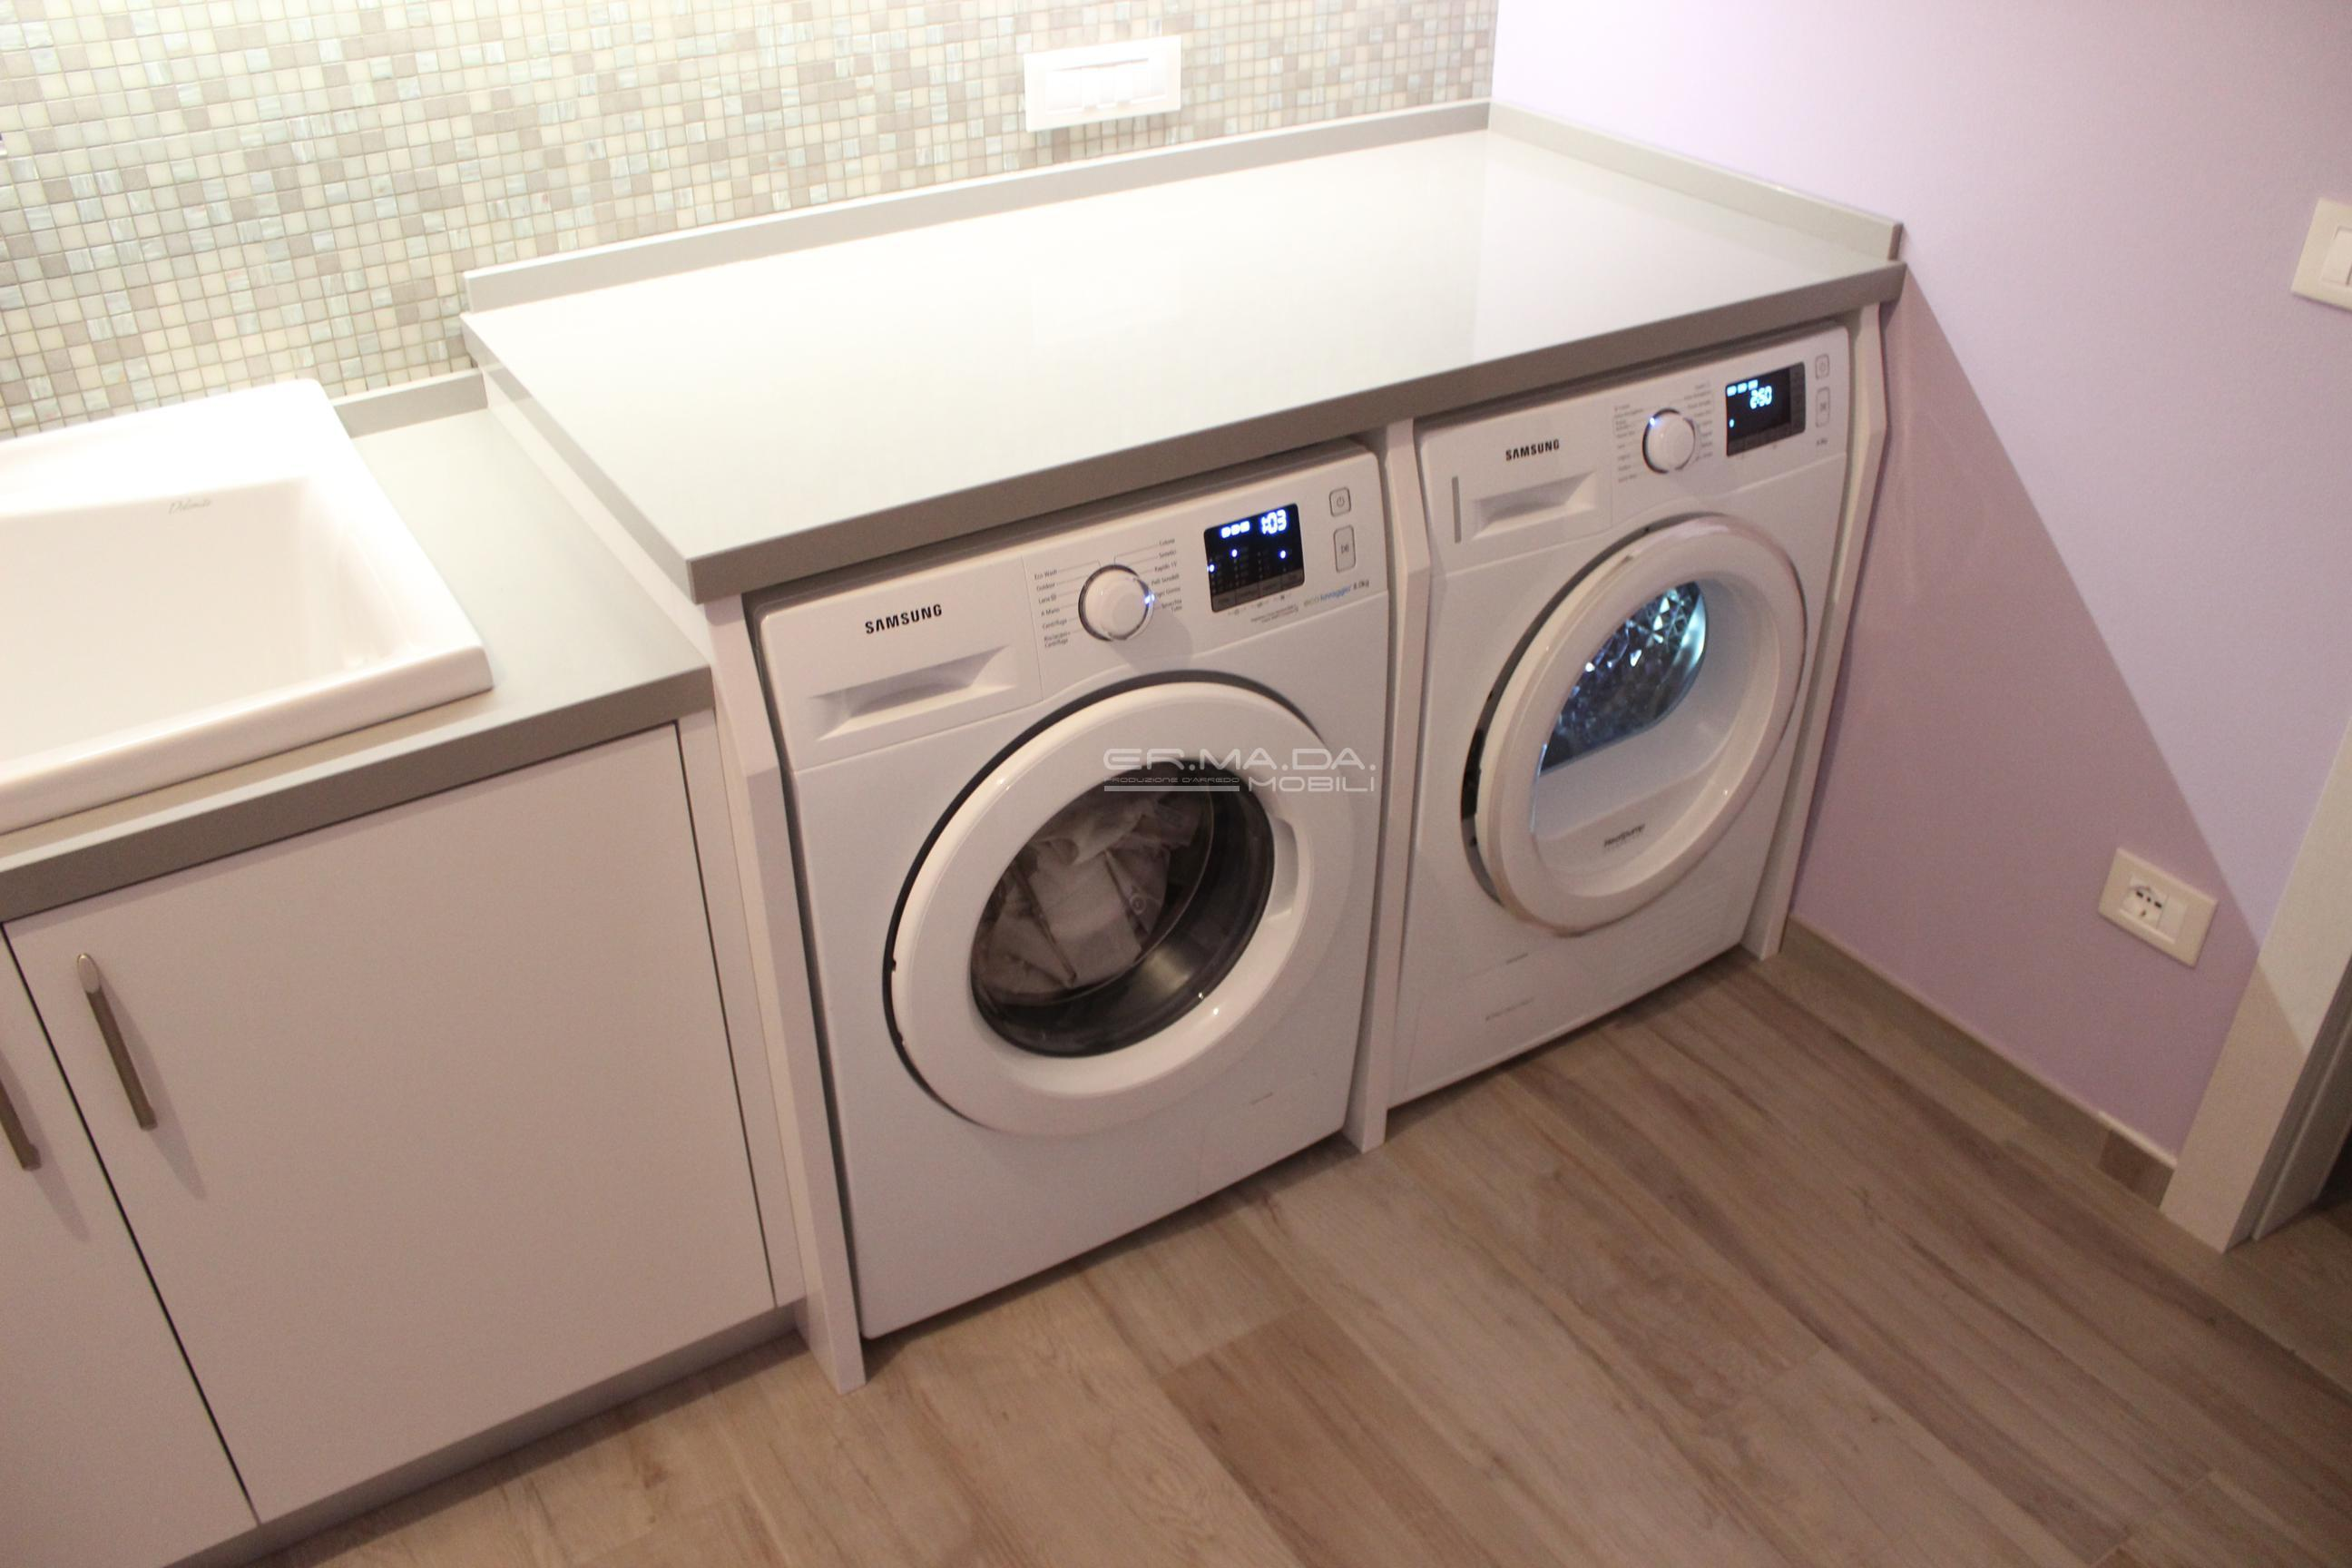 Bagno lavanderia 9 - ER. MA. DA. Mobilificio - Progetta e costruisce ...